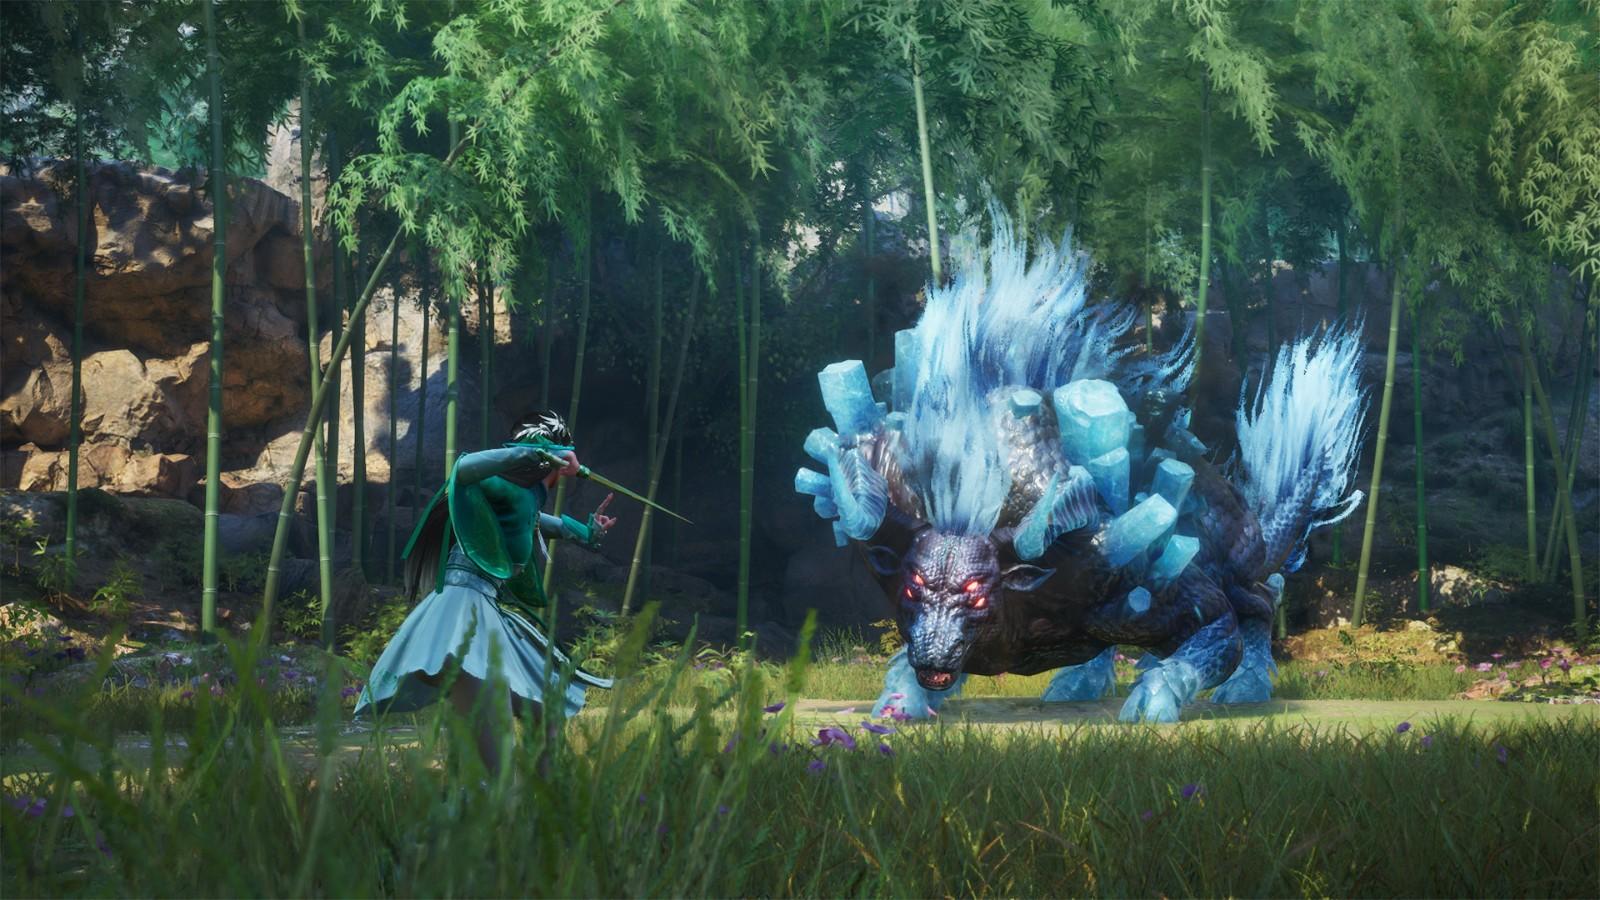 《仙剑奇侠传七》上架Steam平台 年内发售售价未知